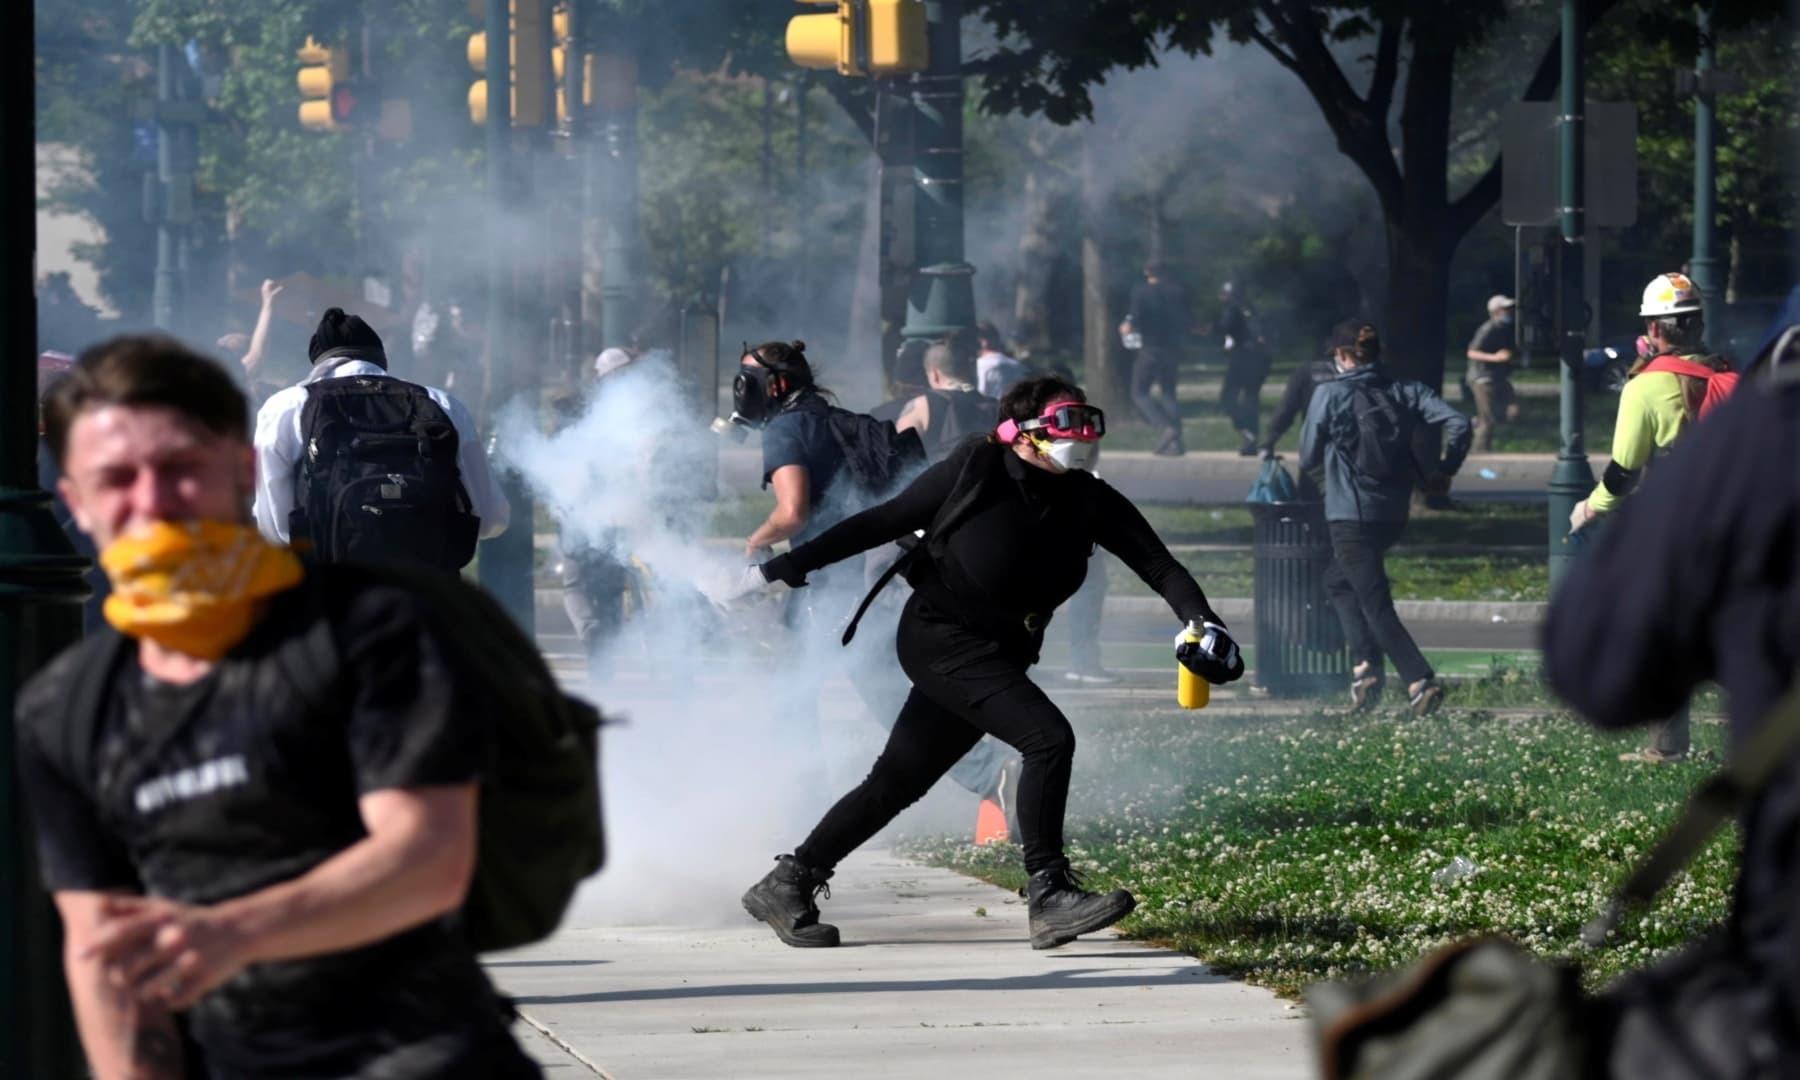 پینسلویلیا میں مظاہرین پولیس کی جانب سے کی جانے والی آنسو گیس کی شیلنگ میں شیل واپس اہلکاروں کی جانب پھینک رہے ہیں— فوٹو: رائٹرز